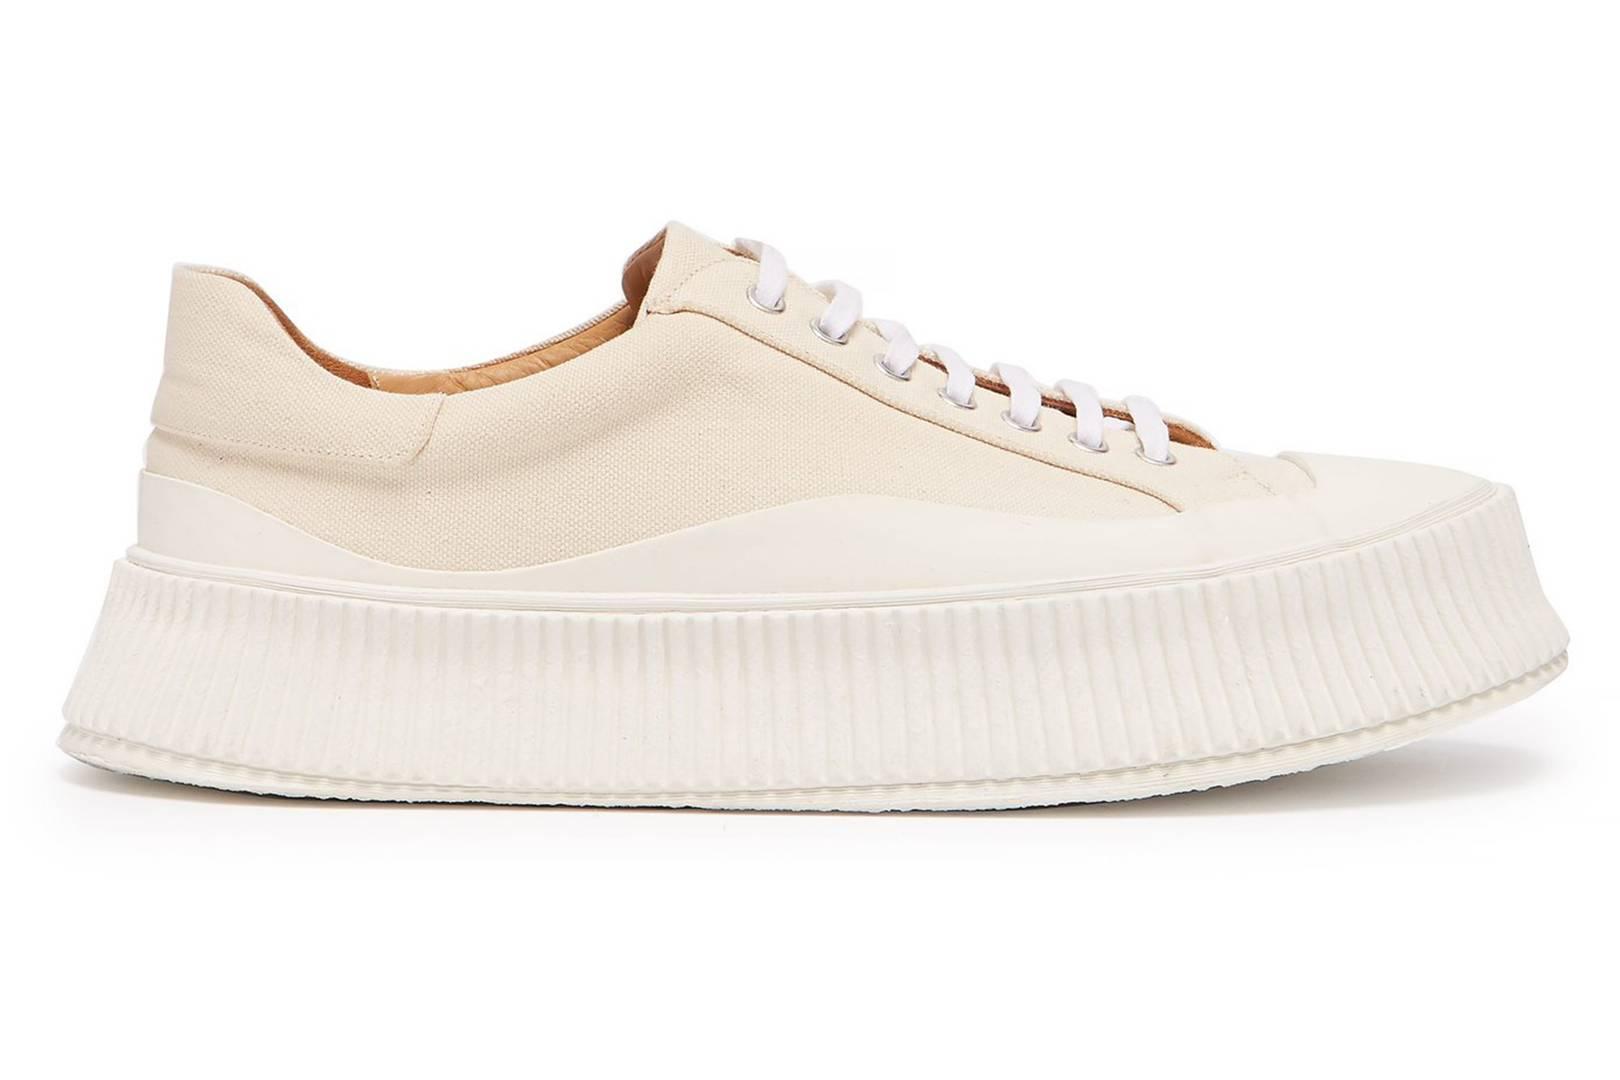 9cea7d2930e8 Why you should follow the platform shoe trend